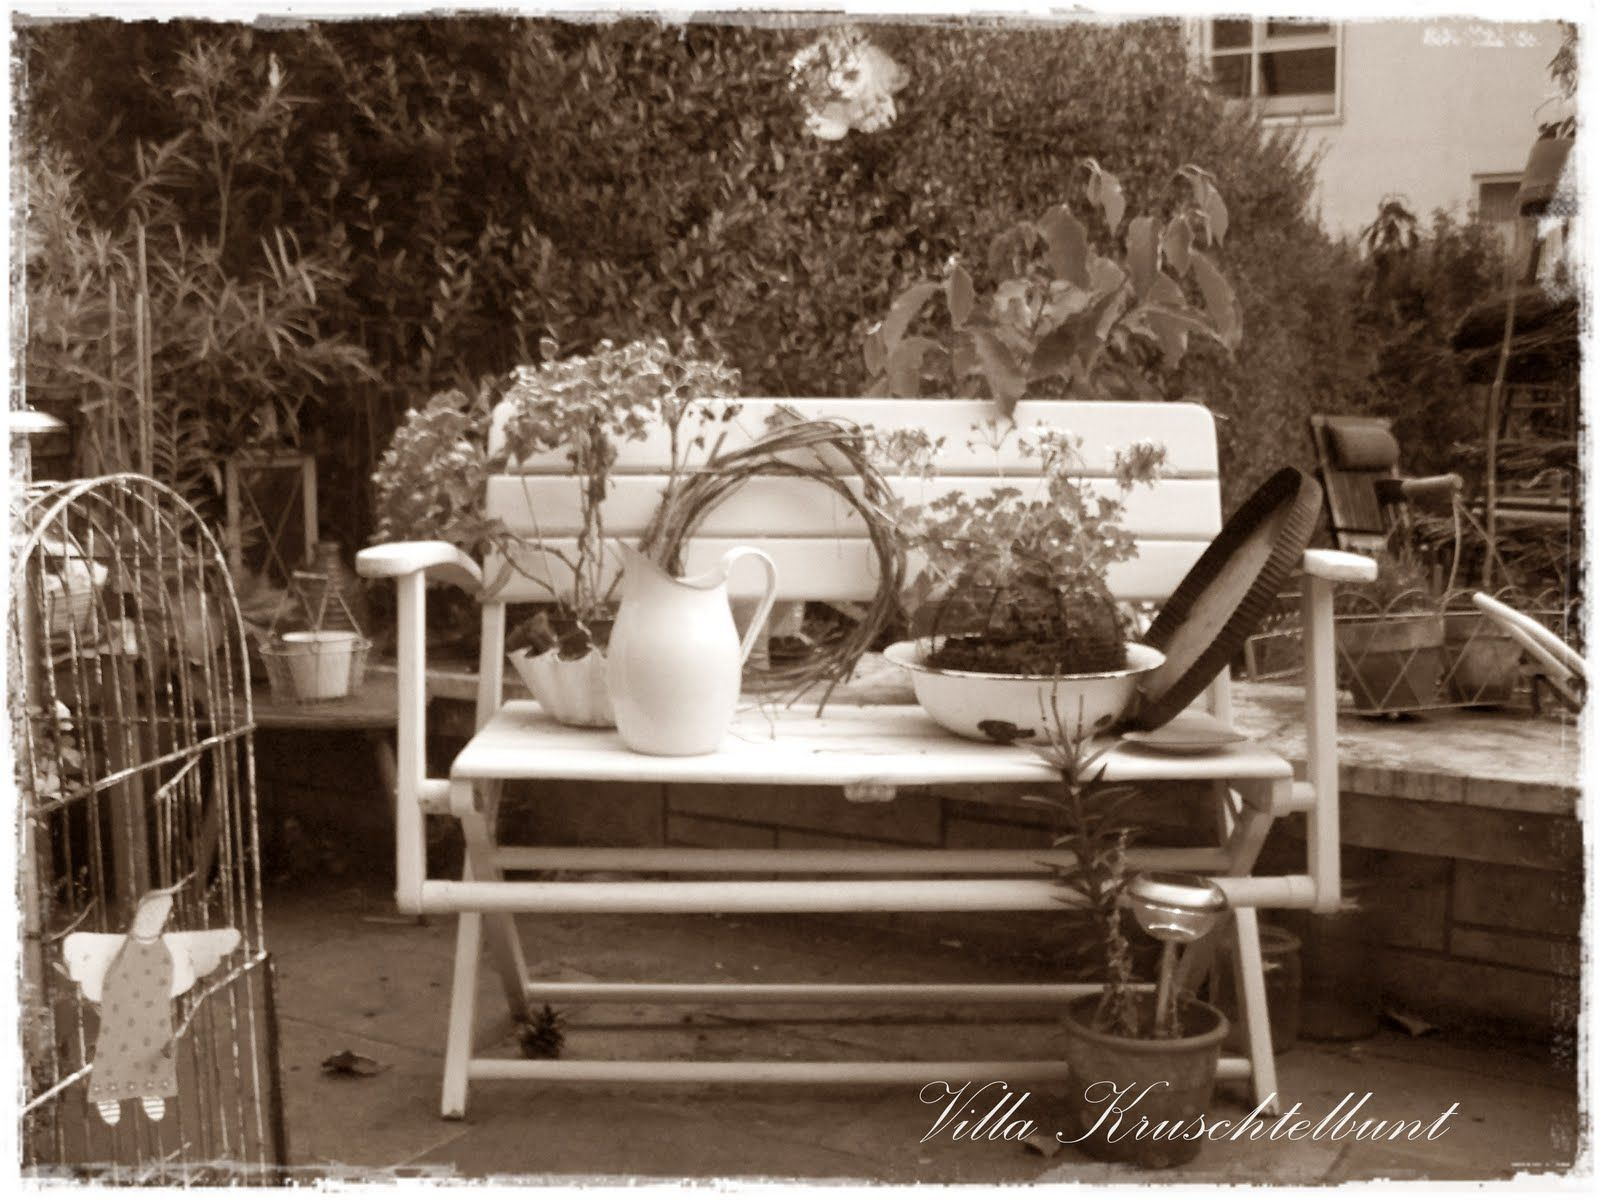 alte gartenbank dekorieren villa cruschtelbunt holz gartenbank pinterest garten garten. Black Bedroom Furniture Sets. Home Design Ideas